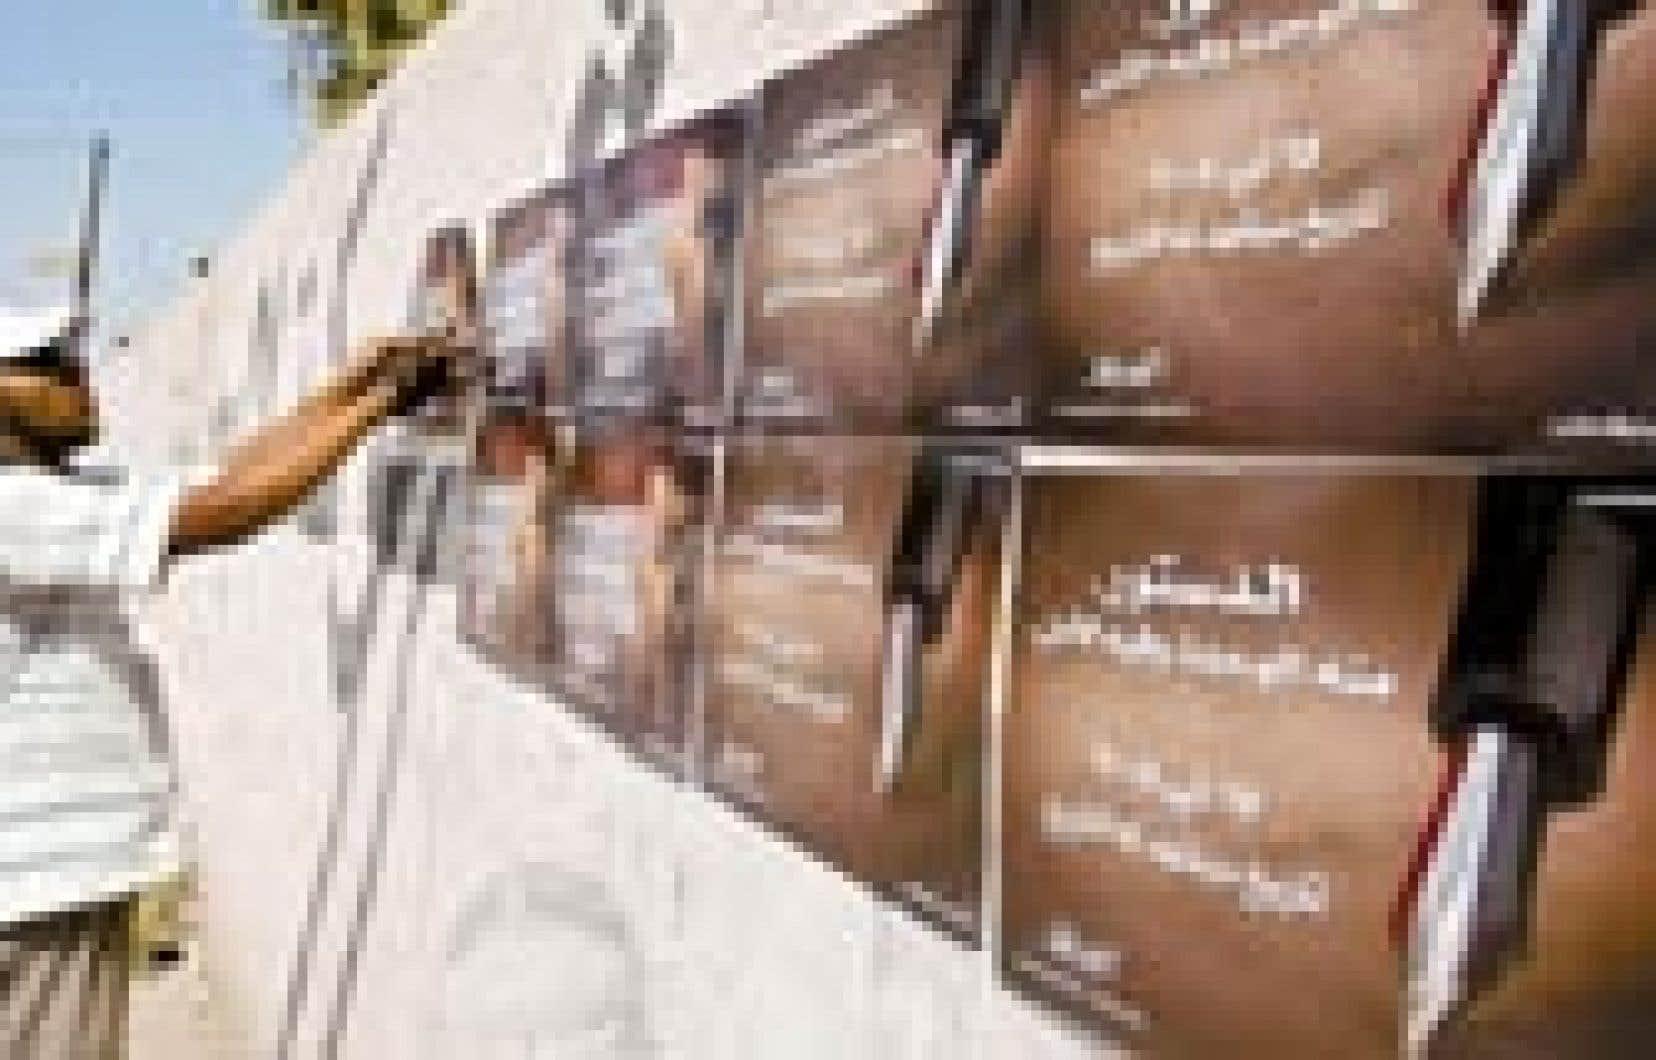 Les affiches en prévision du référendum sur la constitution ont fait leur apparition à Bassora.